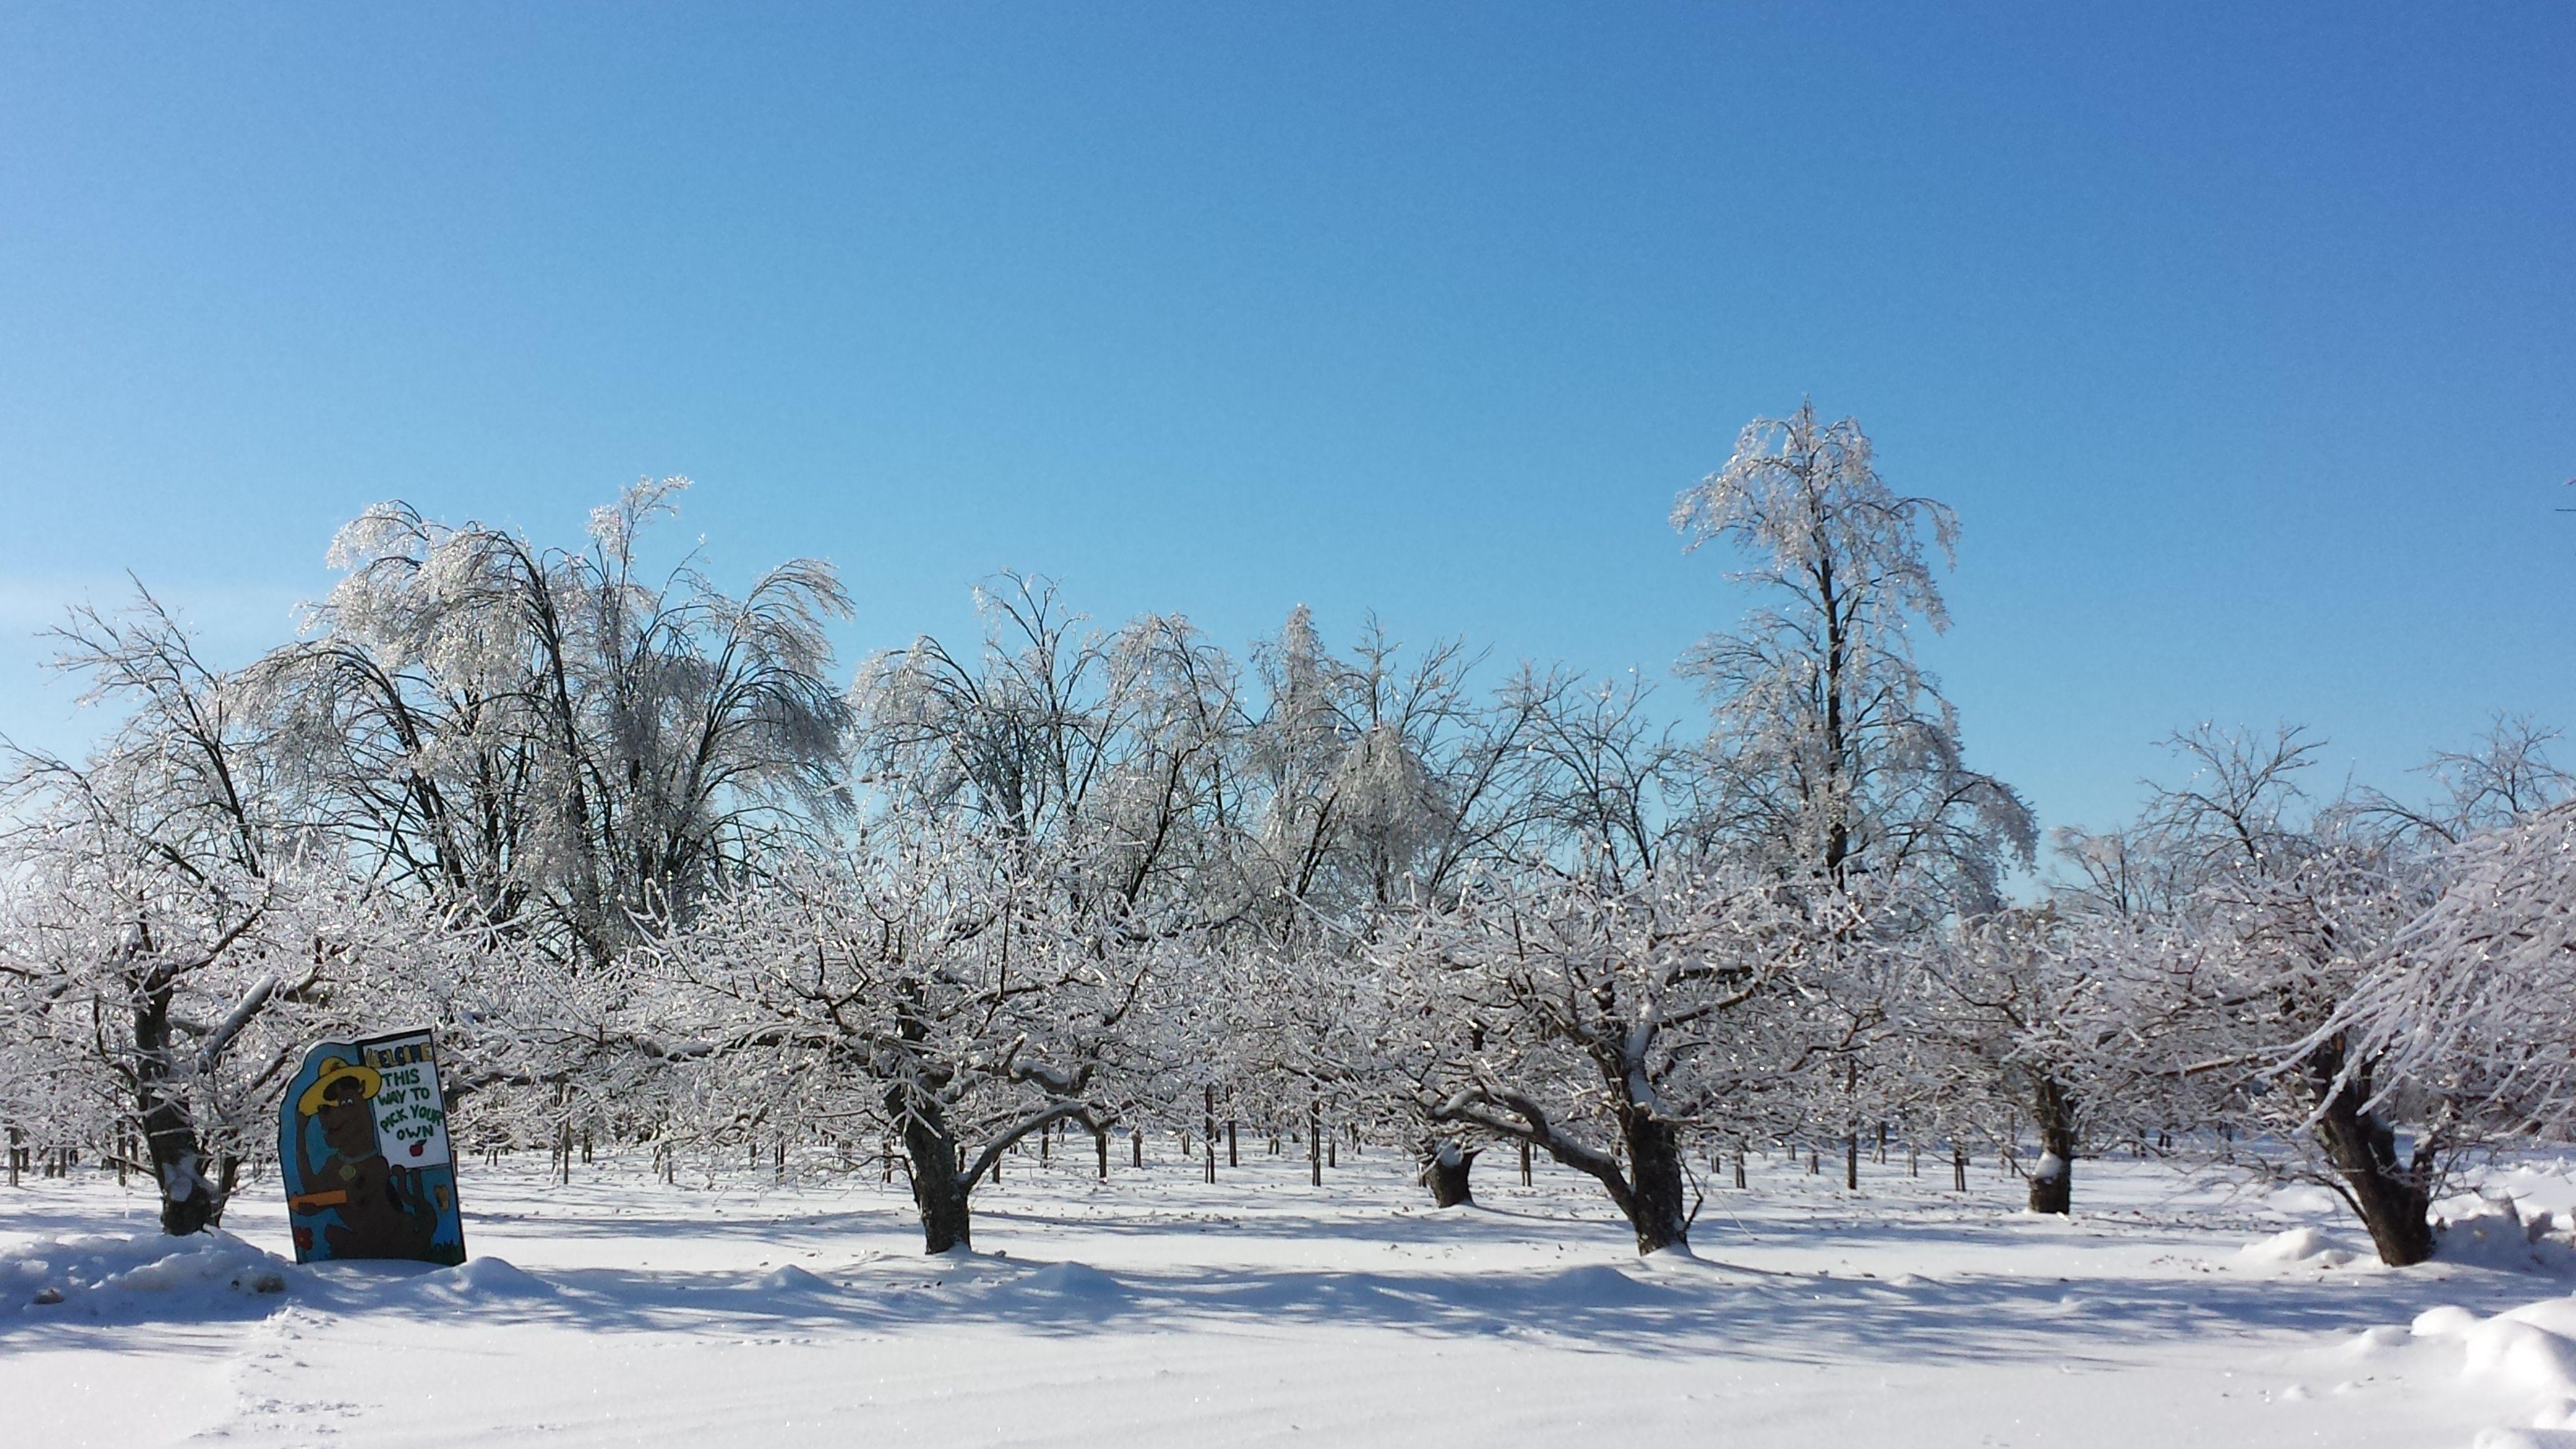 Blue Sky over Icy Farm